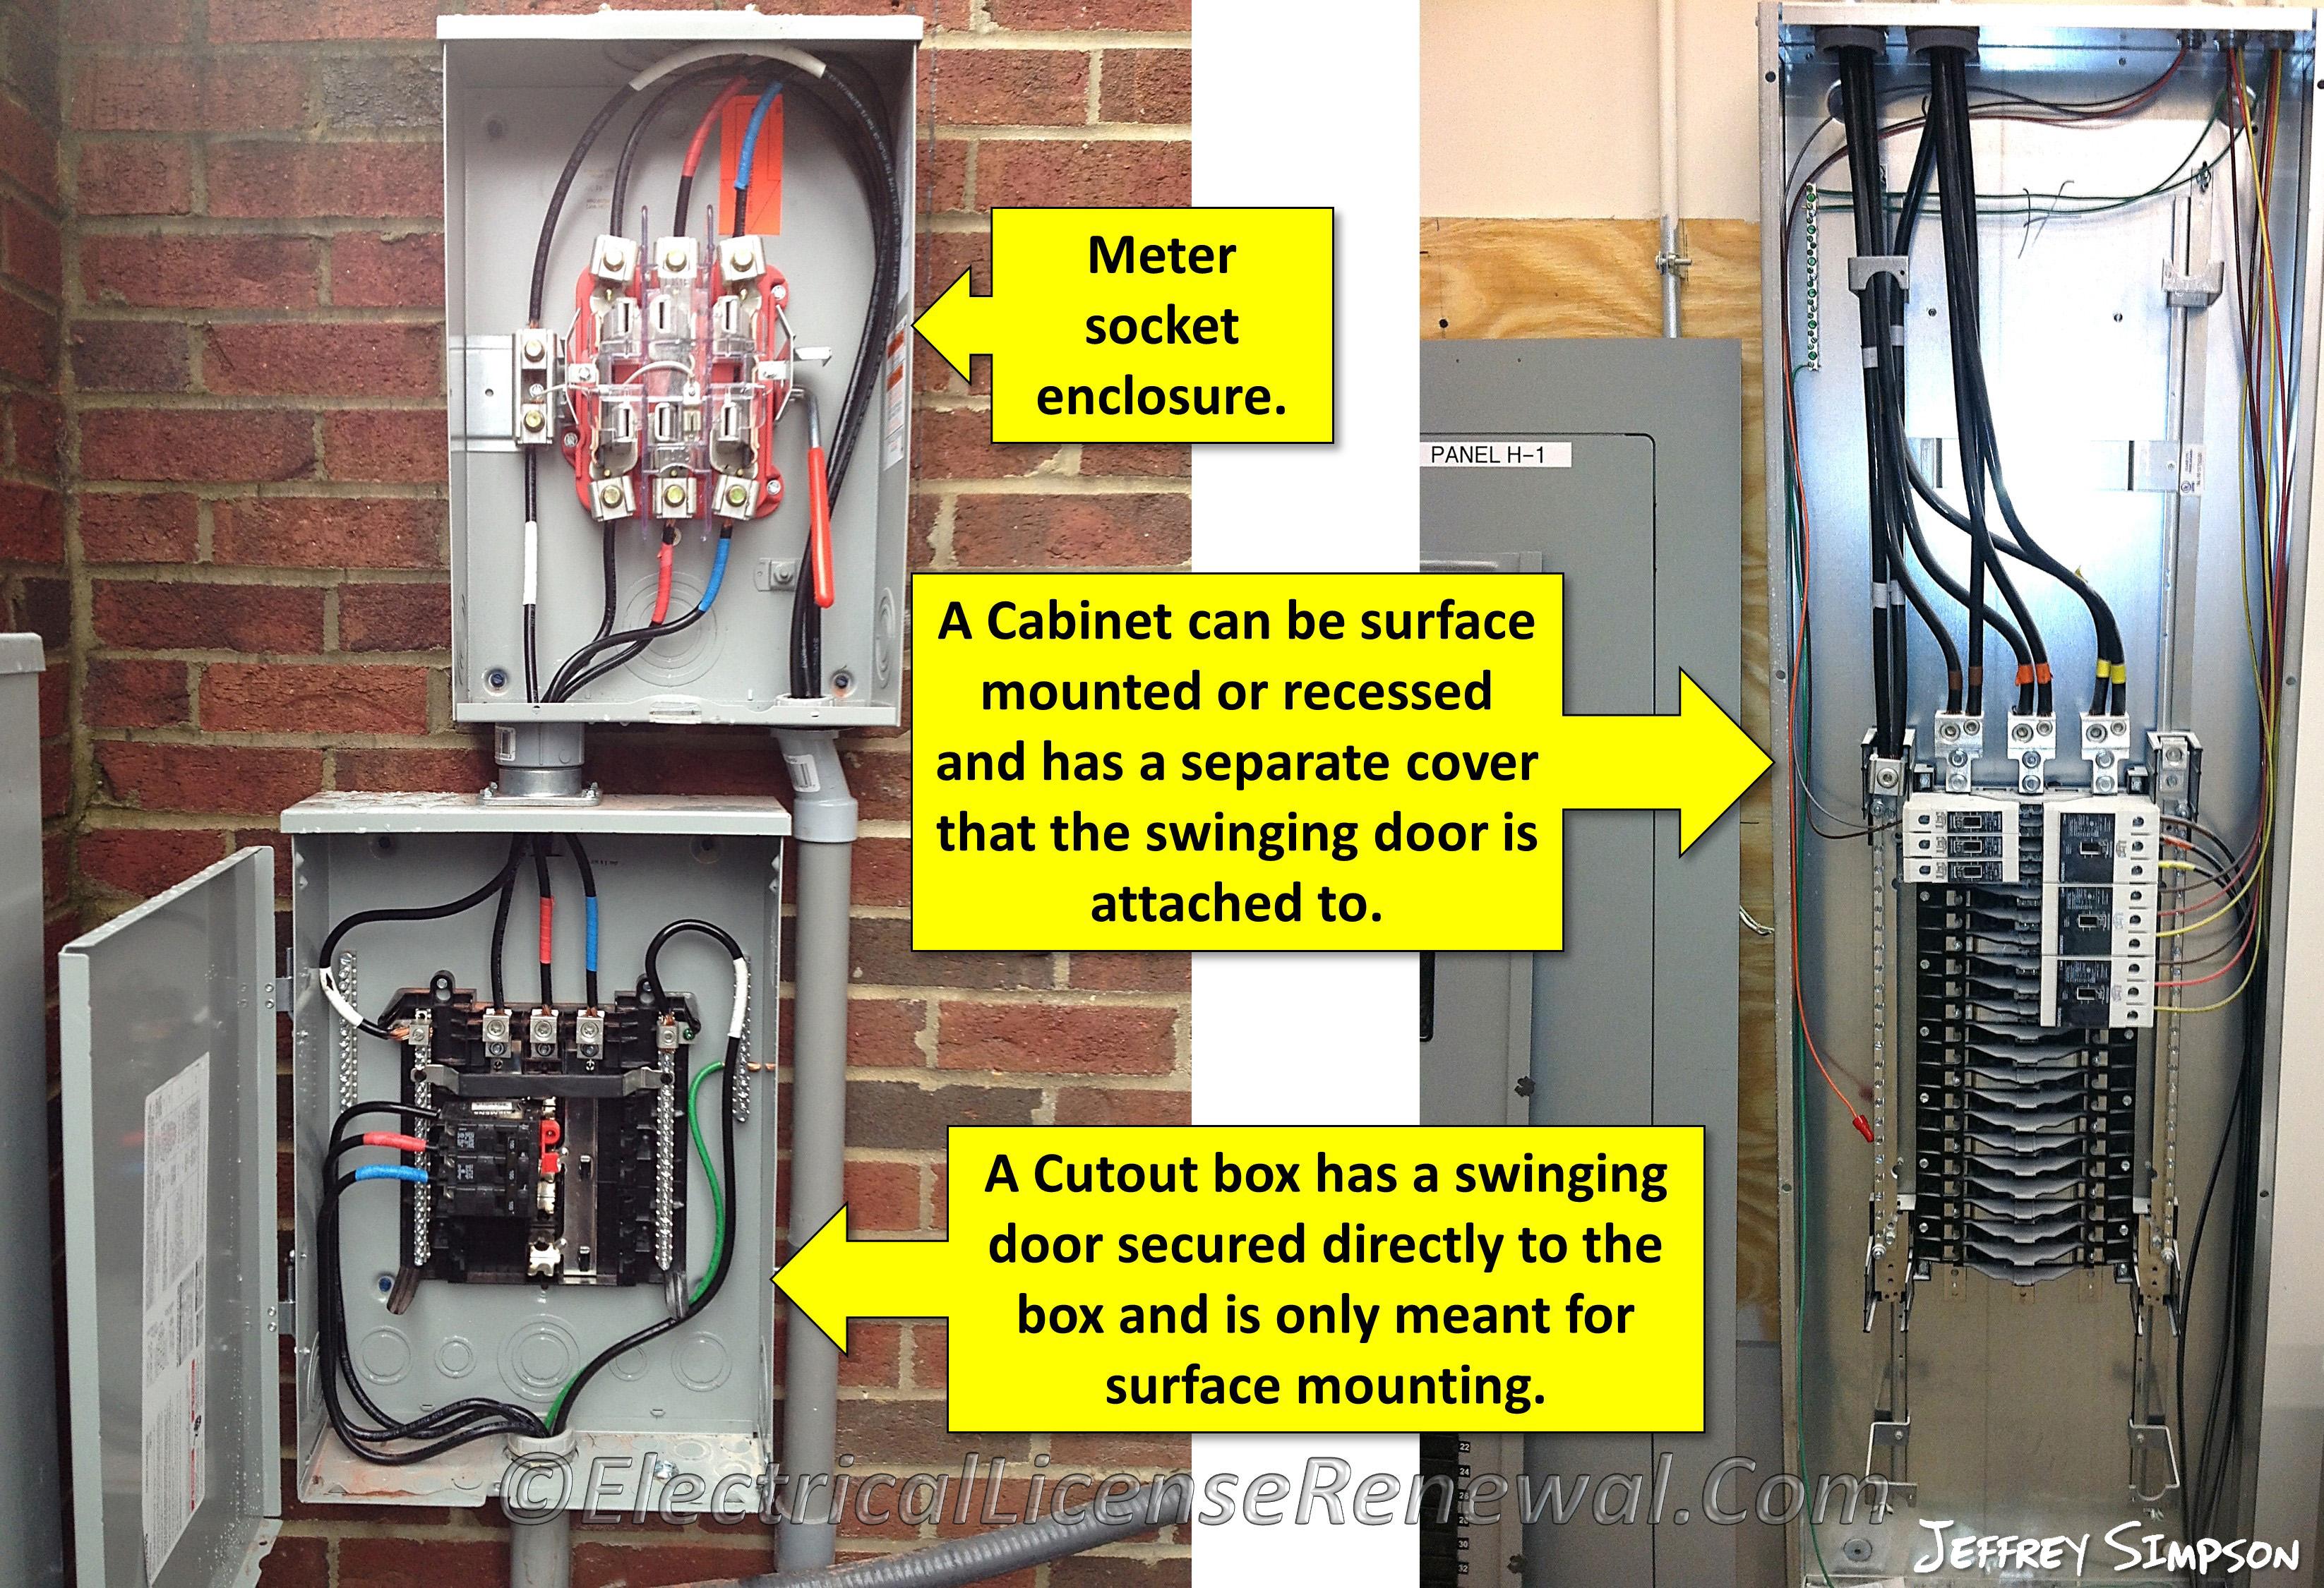 3121 Scope Wiring A Meter Socket